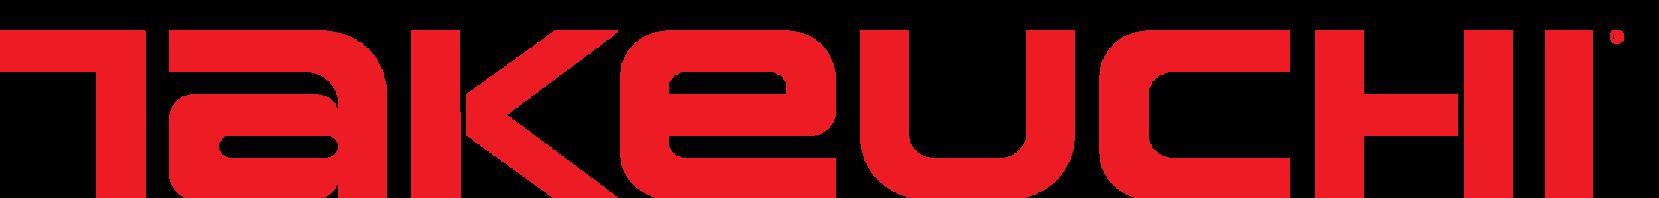 Takeuchi Manufacturing (US) Ltd.